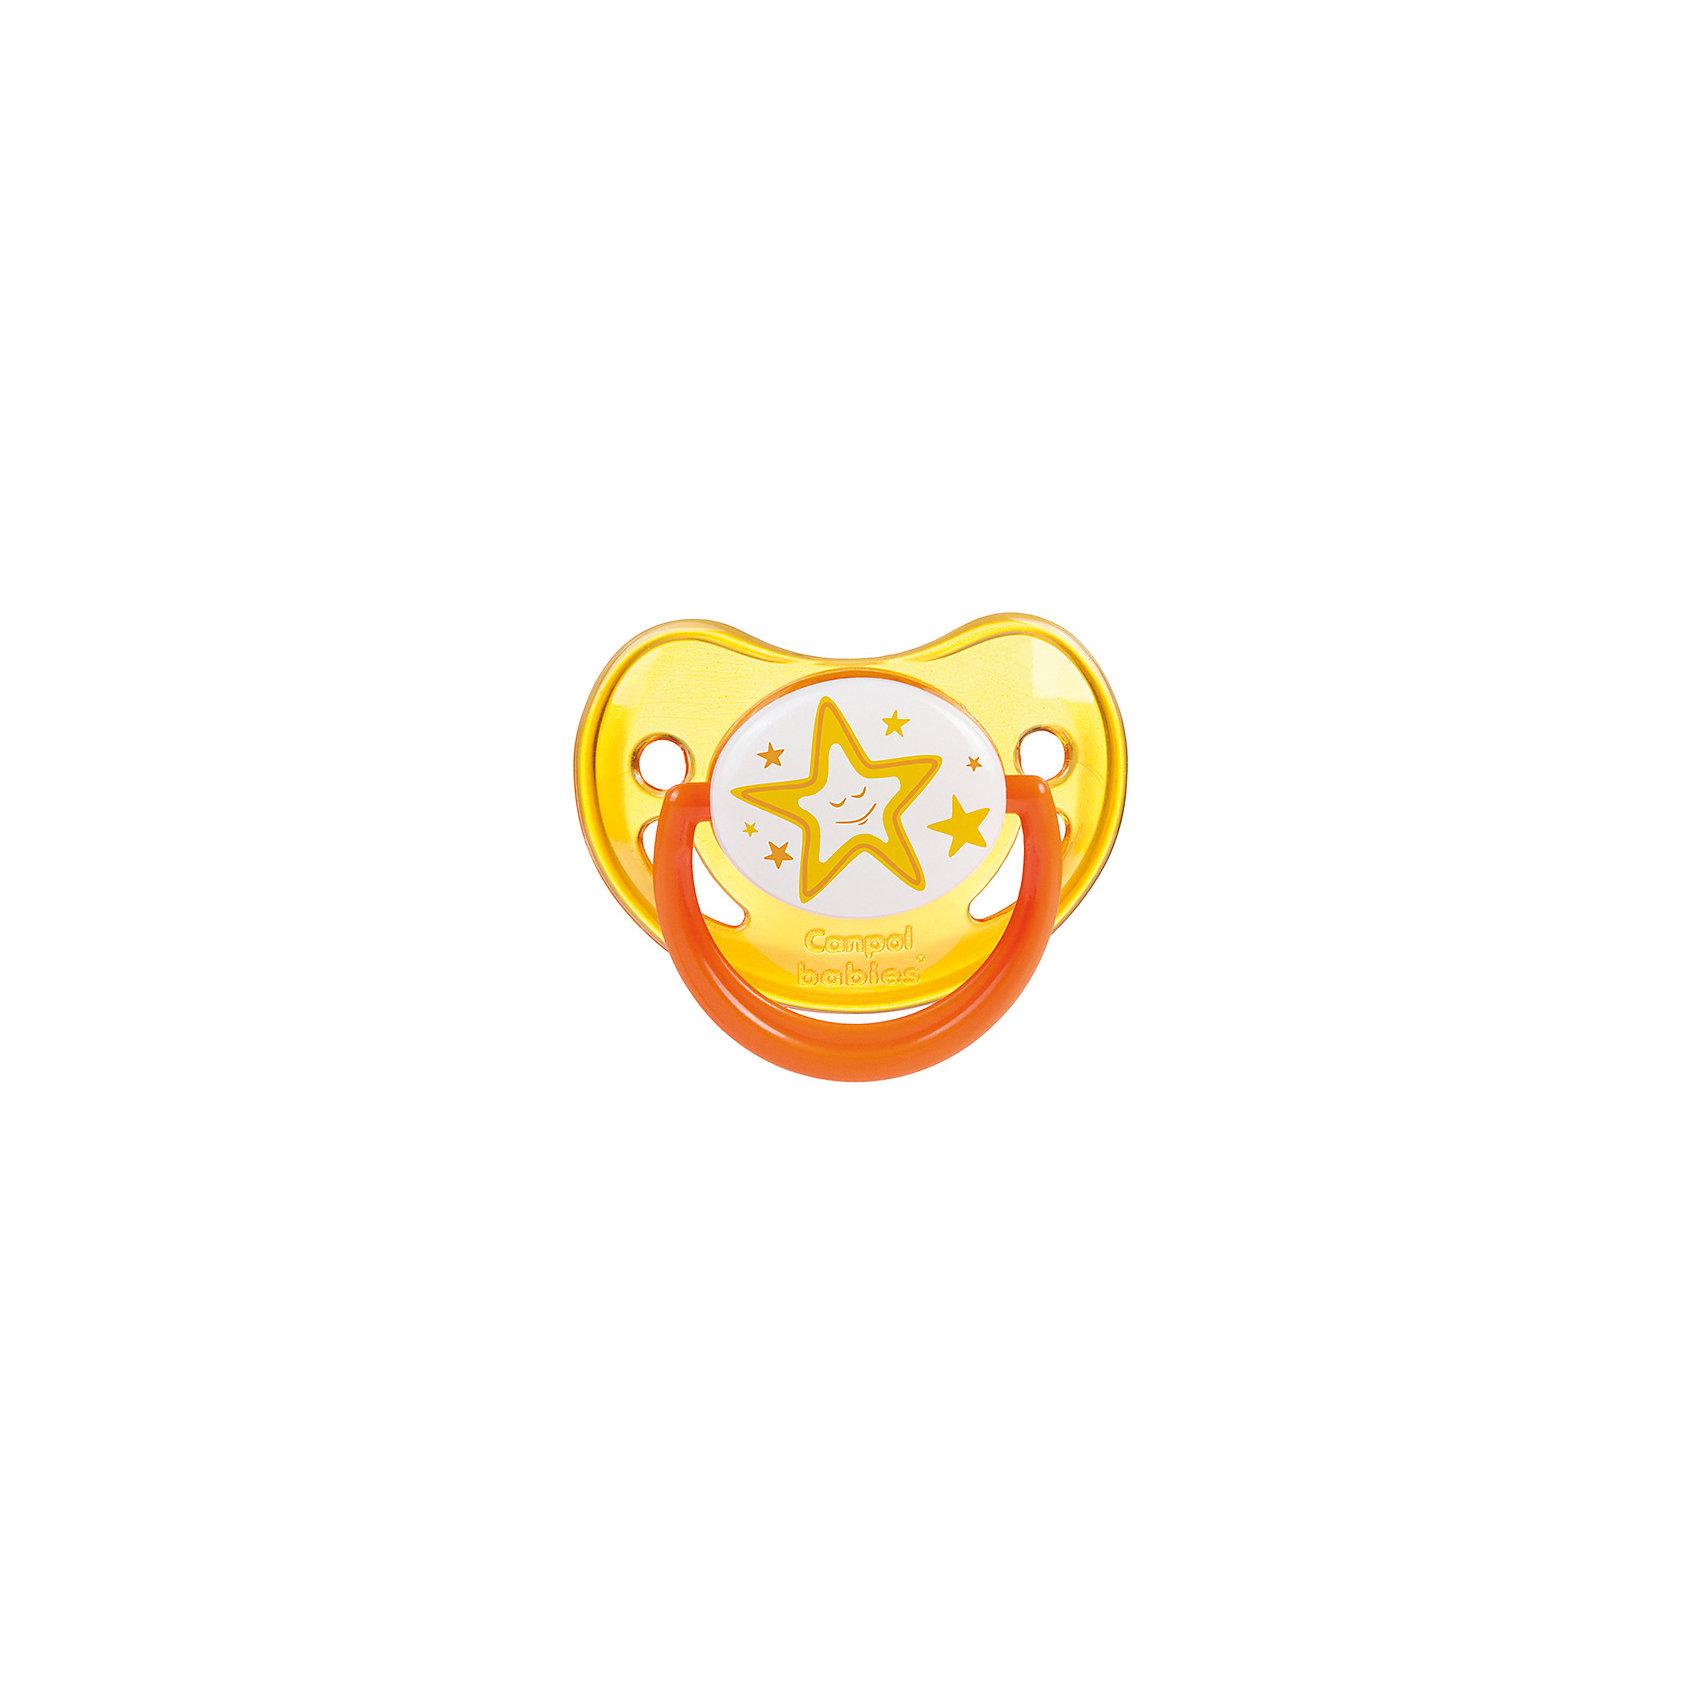 Пустышка анатомическая силиконовая, 6-18 Night Dreams, Canpol Babies, желтыйПустышки из силикона<br>Характеристики:<br><br>• Наименование: пустышка<br>• Пол: универсальный<br>• Материал: силикон, пластик<br>• Цвет: желтый, белый<br>• Форма: анатомическая<br>• Наличие отверстий для вентиляции<br>• Наличие кольца для держателя<br>• Особенности ухода: регулярная стерилизация и своевременная замена<br><br>Пустышка анатомическая силиконовая, 6-18 Night Dreams, Canpol Babies, желтый имеет специальную форму, которая обеспечивает правильное давление на небо. Изготовлена из запатентованного вида силикона, который не имеет запаха. При правильном уходе обеспечивает длительное использование. У соски имеется классический ограничитель с отверстиями для вентиляции и кольцо для держателя, которое светится в темноте. Пустышка анатомическая силиконовая, 6-18 Night Dreams, Canpol Babies, желтый выполнена в ярком дизайне с изображением звезд.<br><br>Пустышку анатомическую силиконовую, 6-18 Night Dreams, Canpol Babies, желтую можно купить в нашем интернет-магазине.<br><br>Ширина мм: 95<br>Глубина мм: 45<br>Высота мм: 155<br>Вес г: 110<br>Возраст от месяцев: 6<br>Возраст до месяцев: 18<br>Пол: Унисекс<br>Возраст: Детский<br>SKU: 5156622